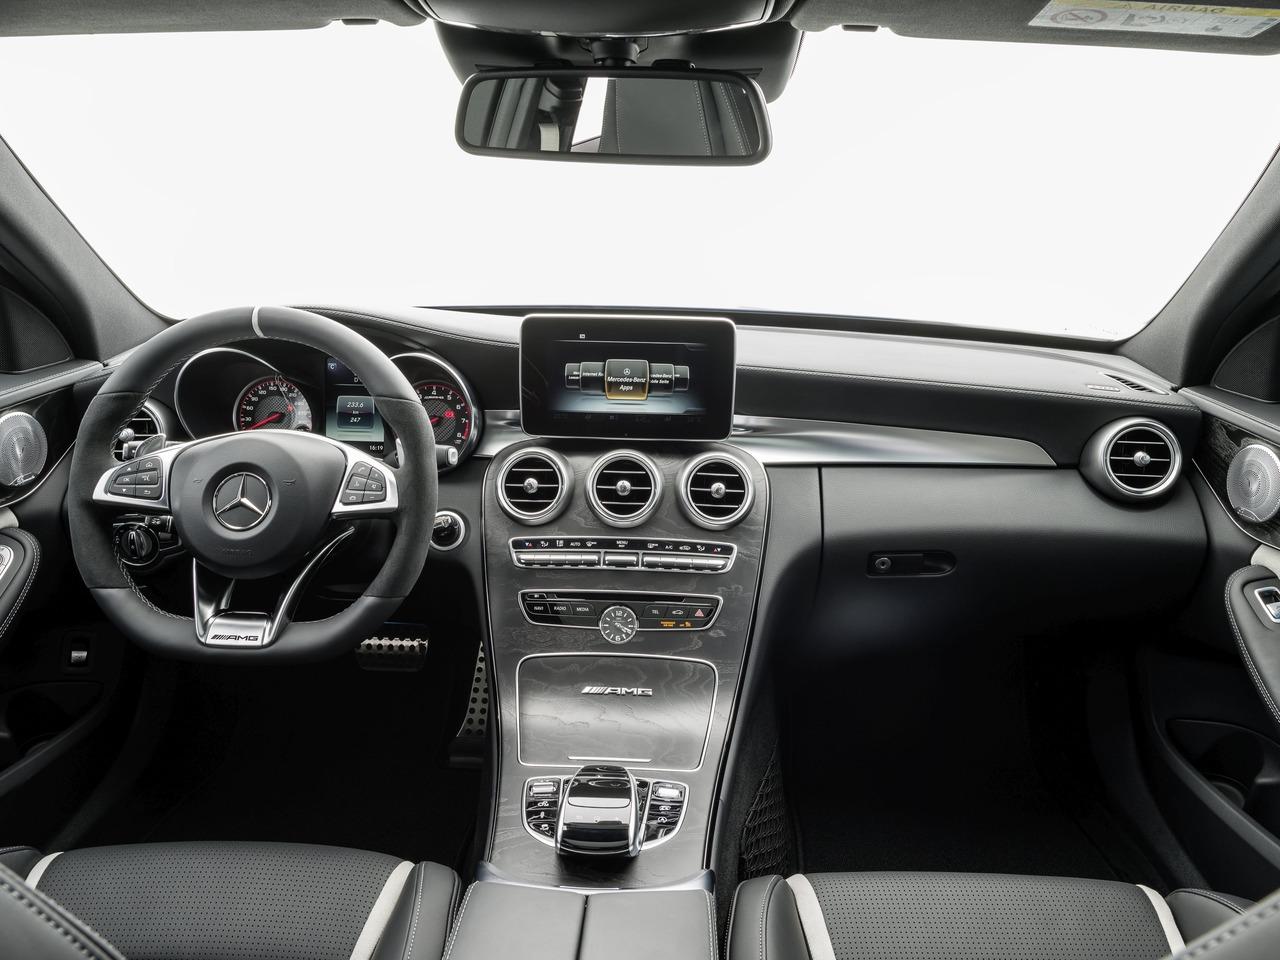 Снимки: Mercedes-benz C-klasse AMG (W205)